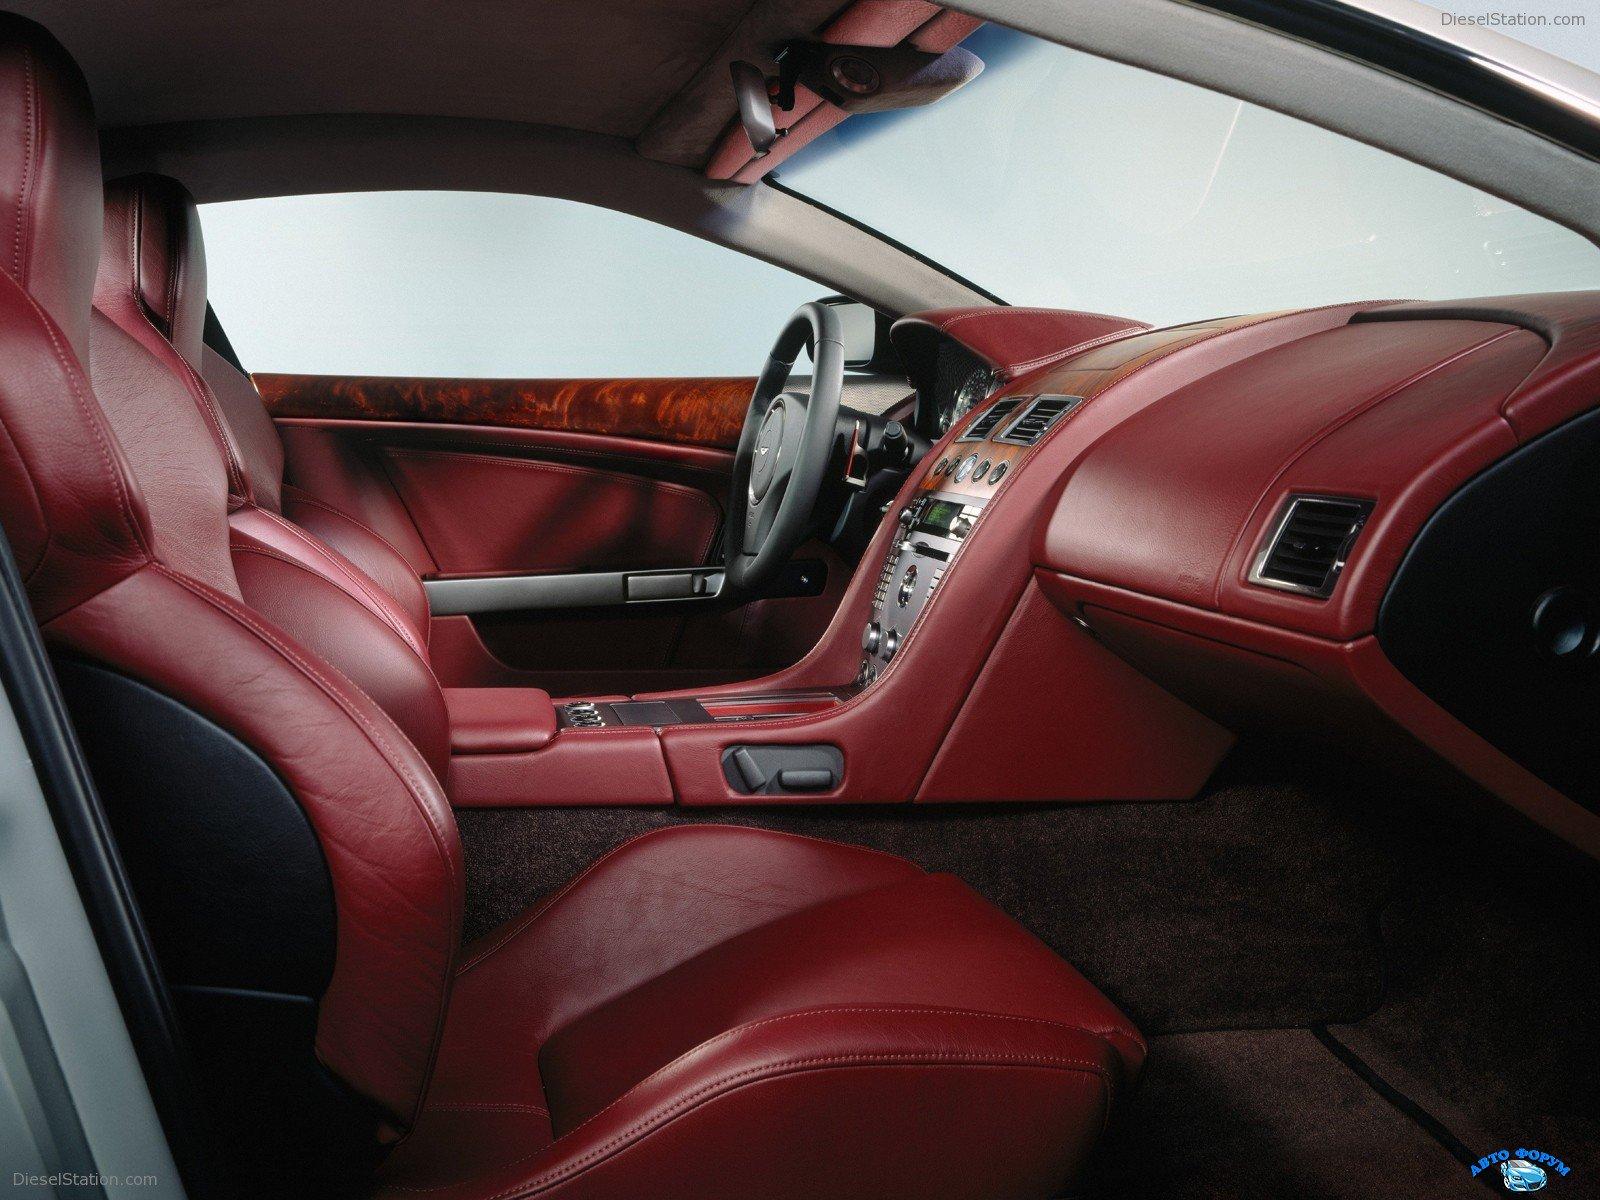 Aston-Martin-DB9-011.jpg